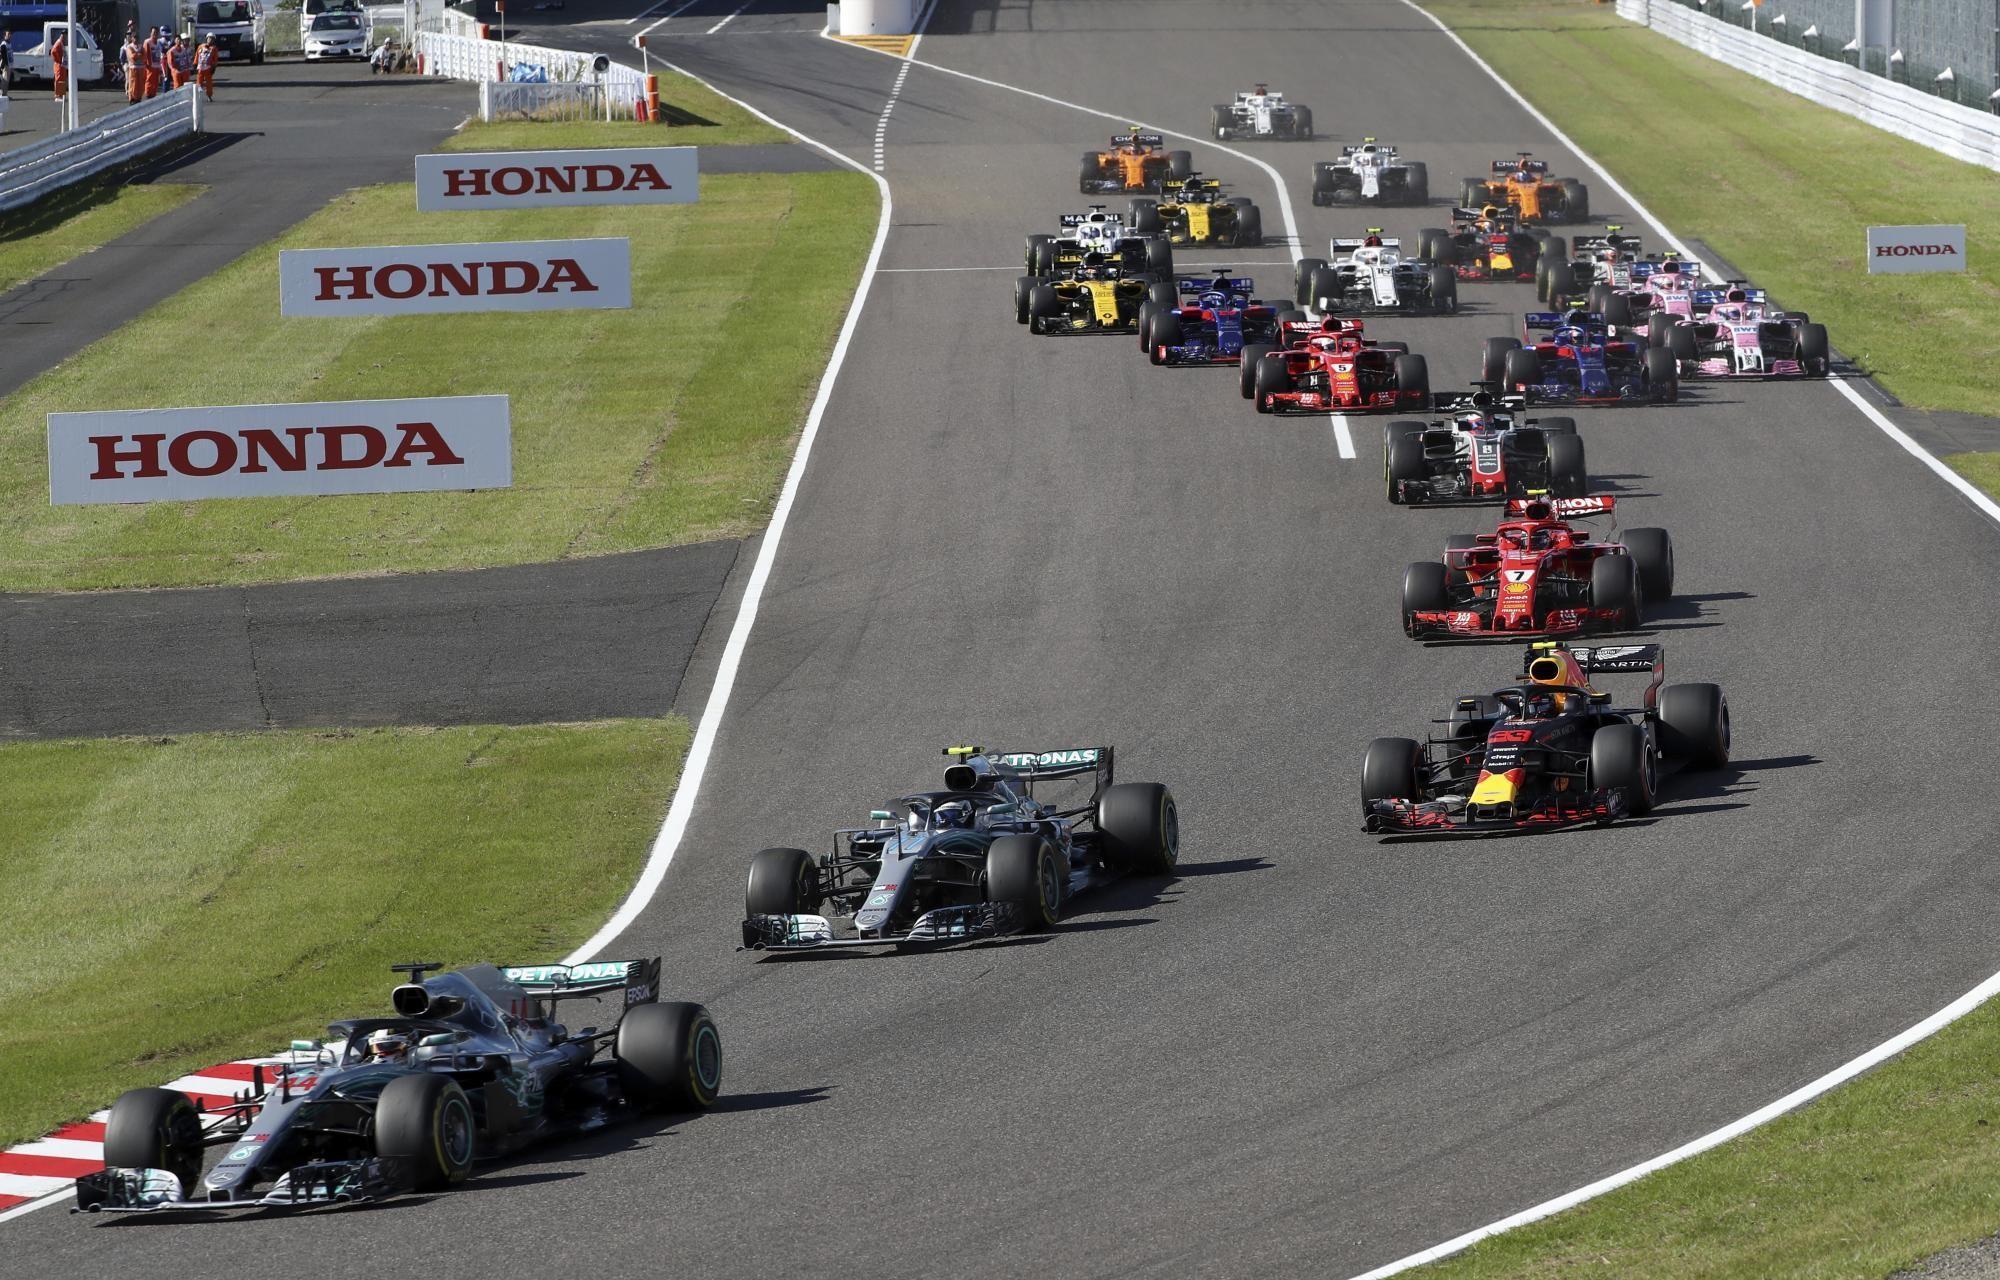 La FIA aprueba el calendario de F³rmula 1 de 2019 con 21 carreras